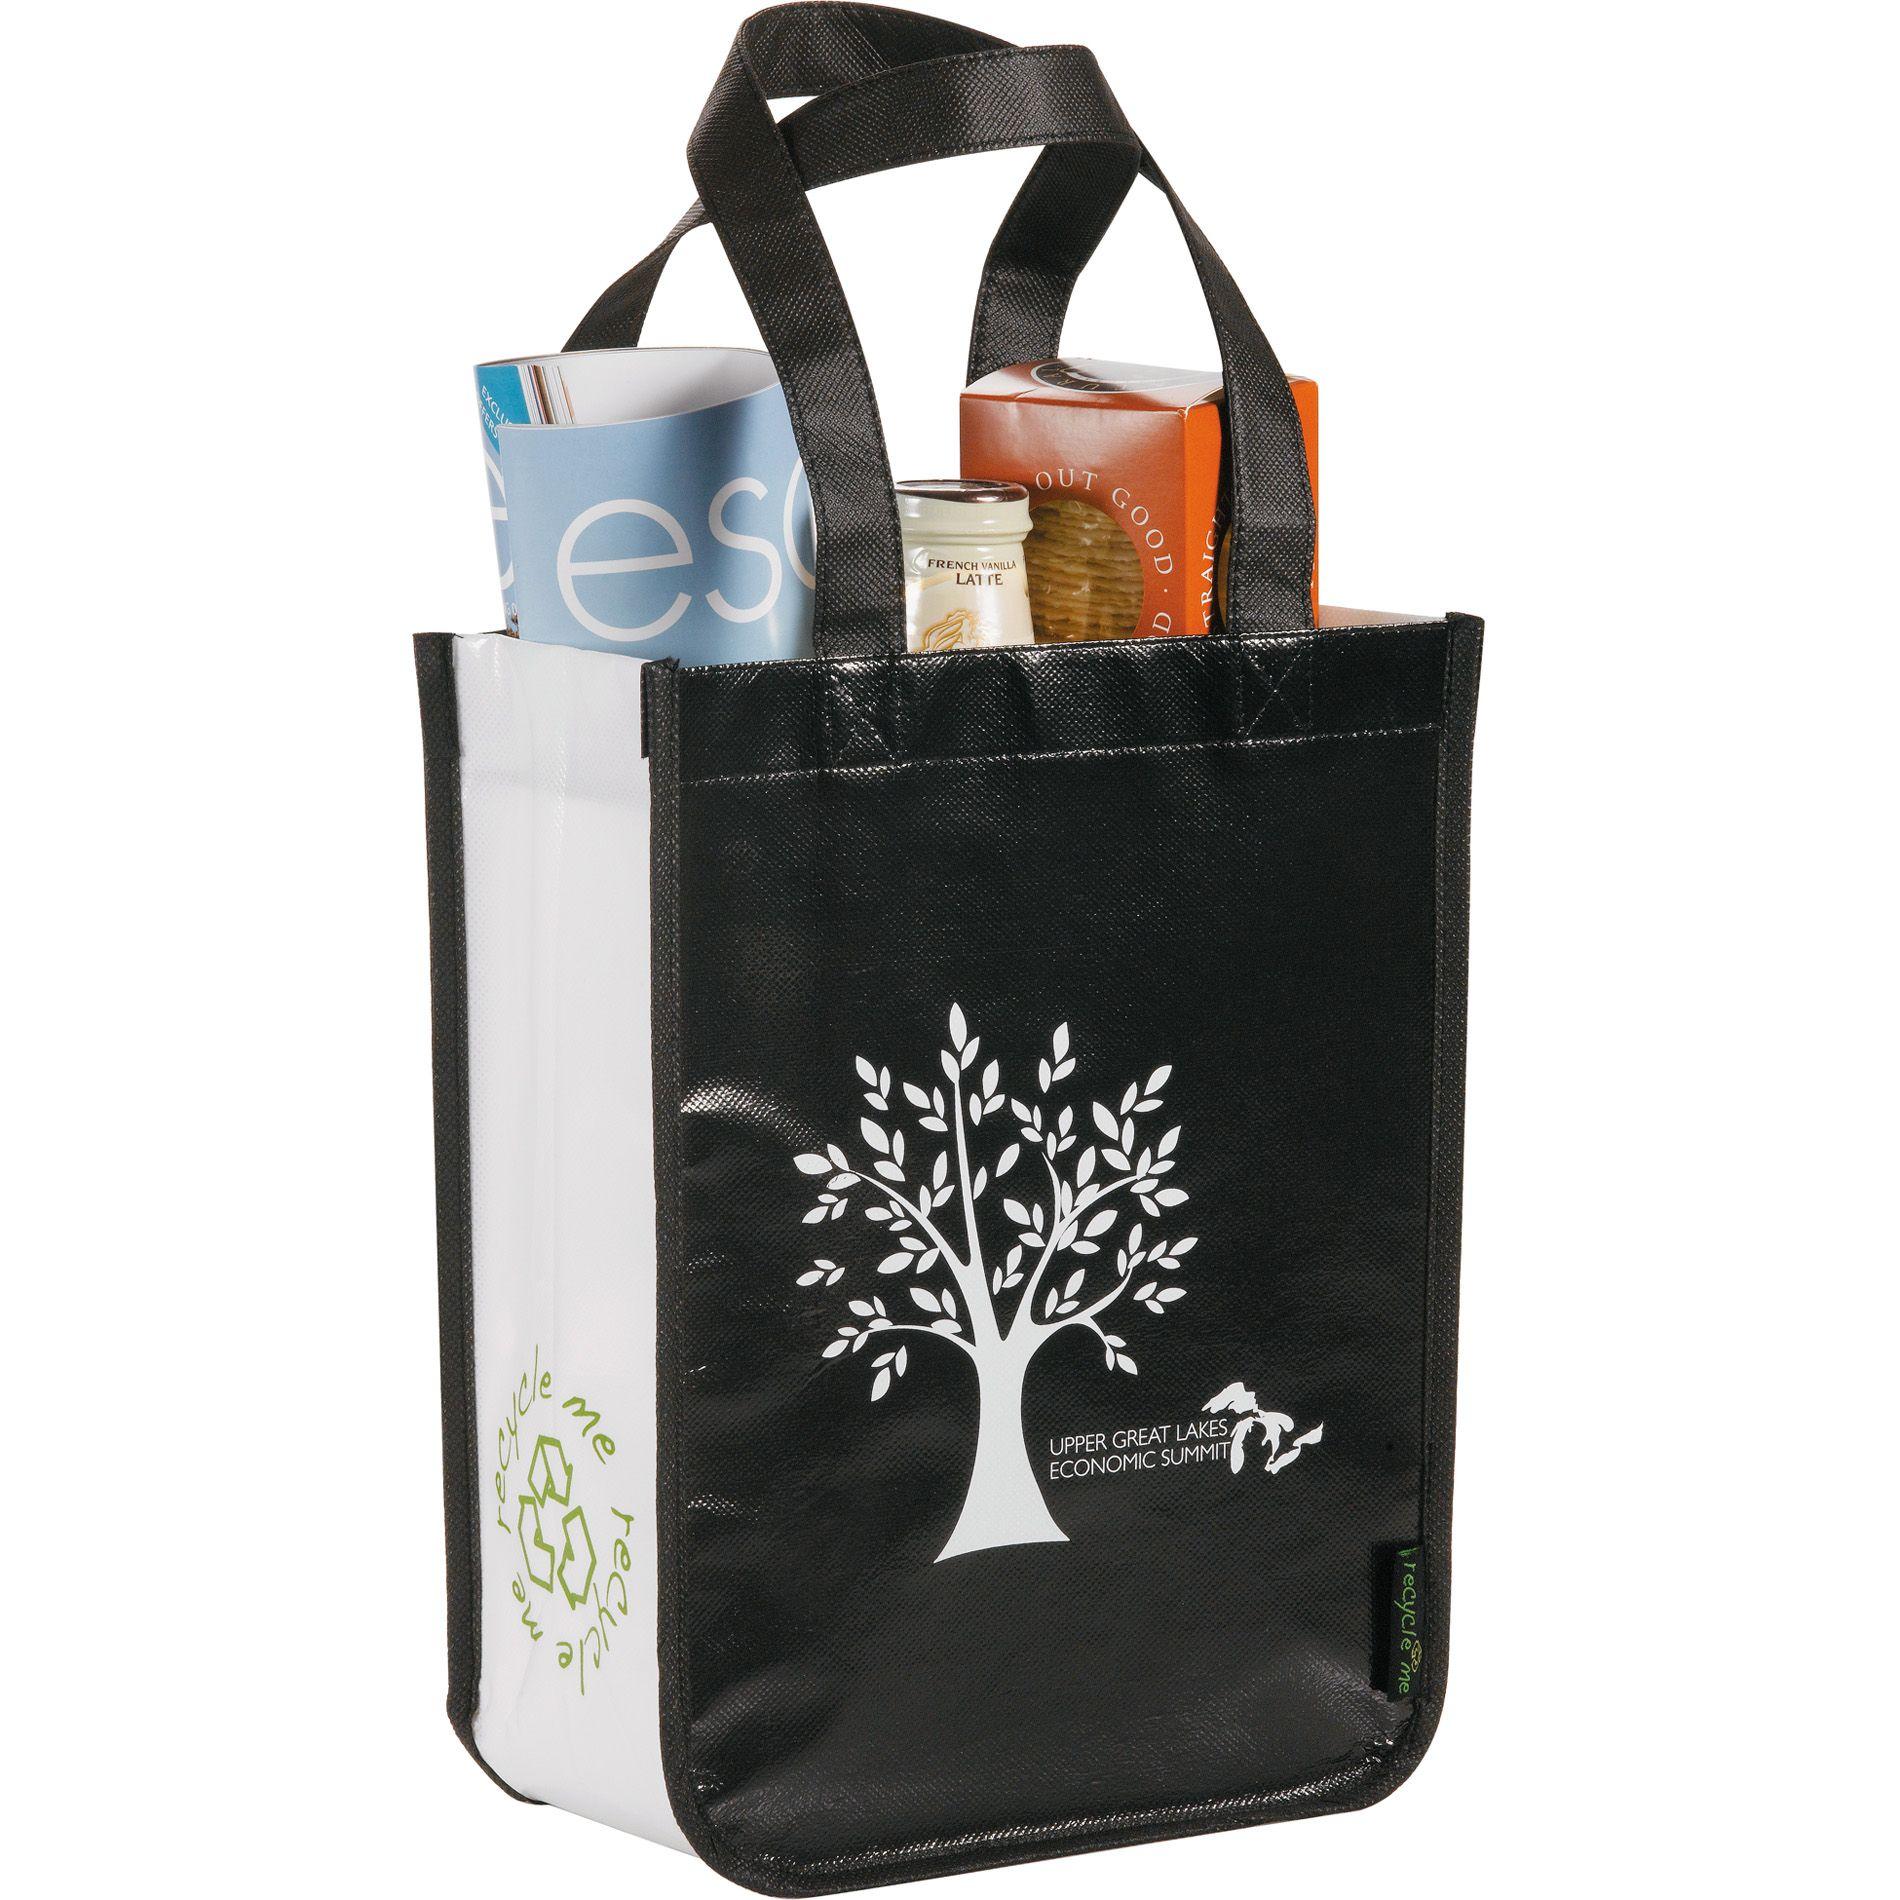 14abb33e1 Laminated Non-Woven Small Shopper Tote | Tote Bags | Shopper tote ...